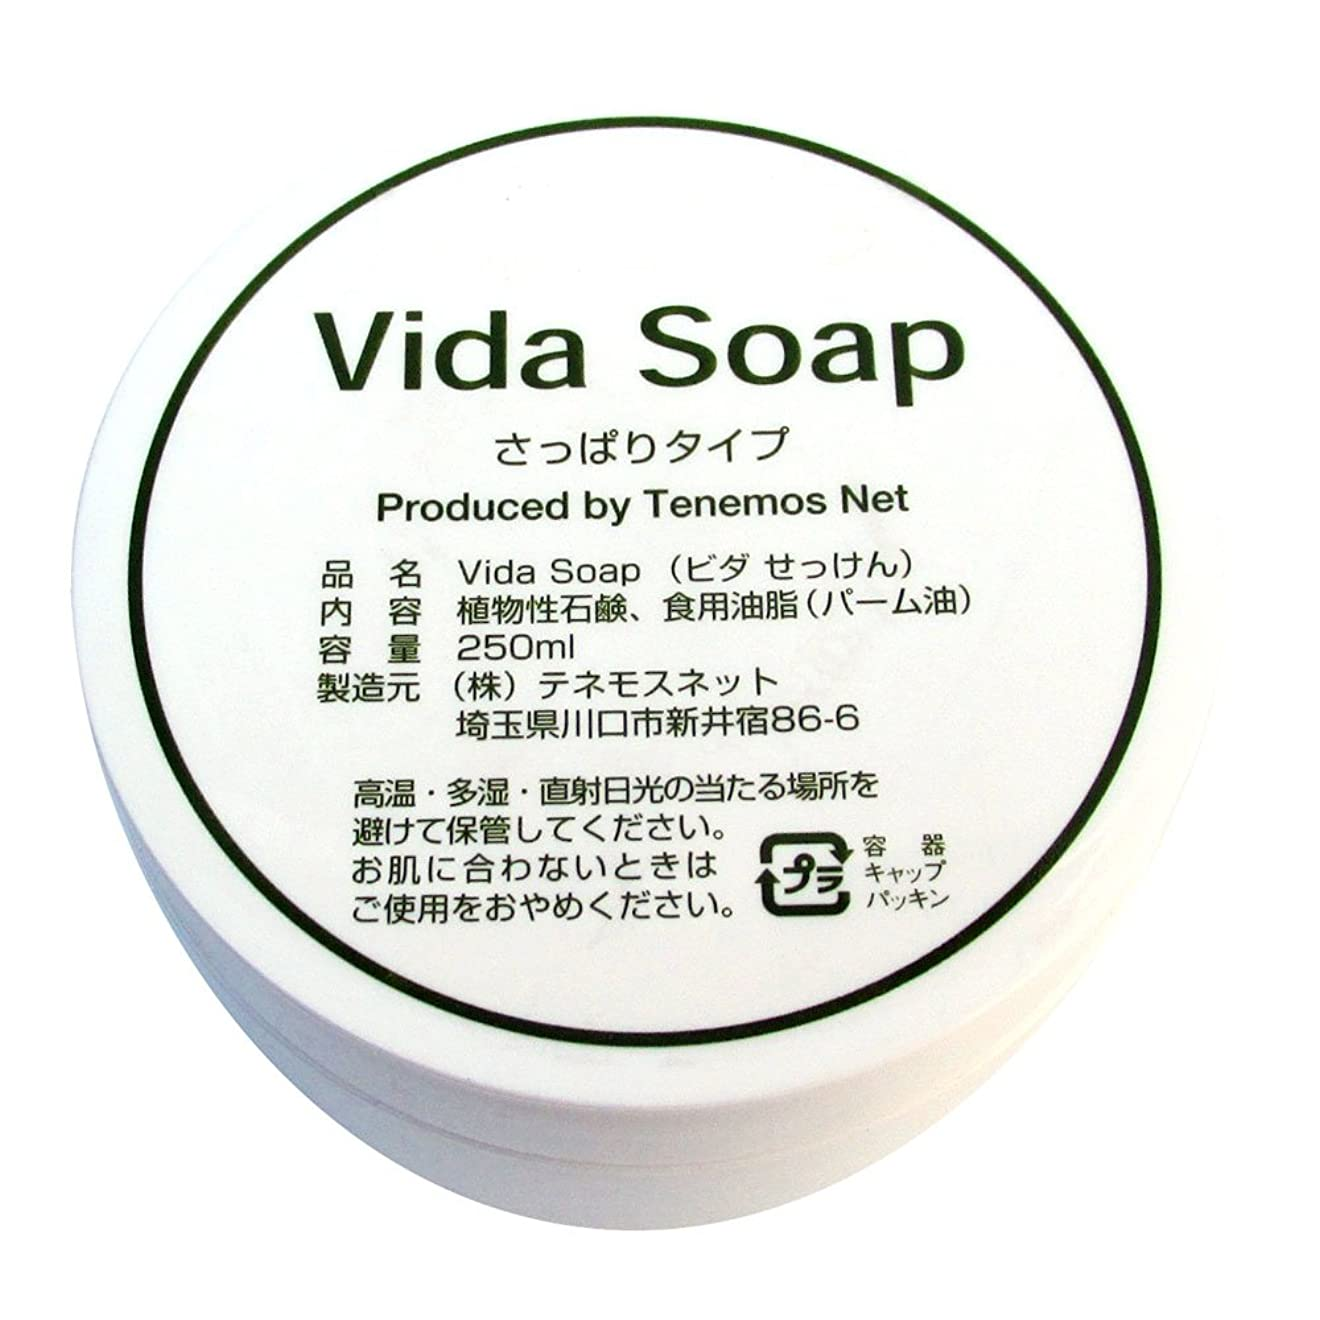 候補者買収ファイアルテネモス ビダせっけん Vida Soap さっぱりノーマル 植物性 250ml